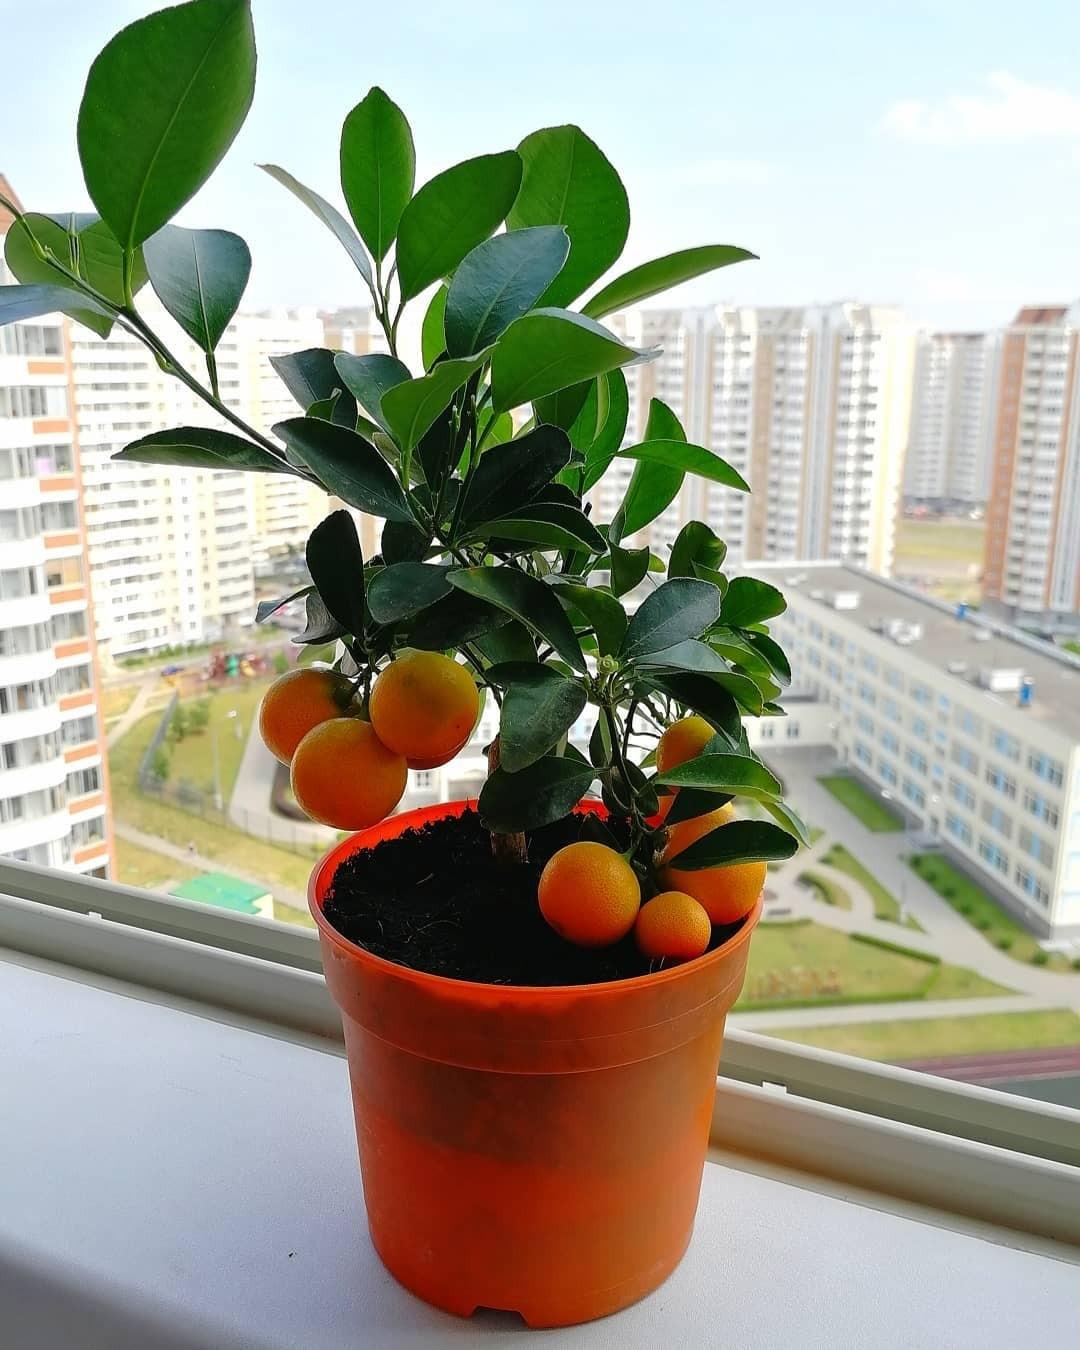 Как вырастить мандарин в домашних условиях: подборка советов и идей